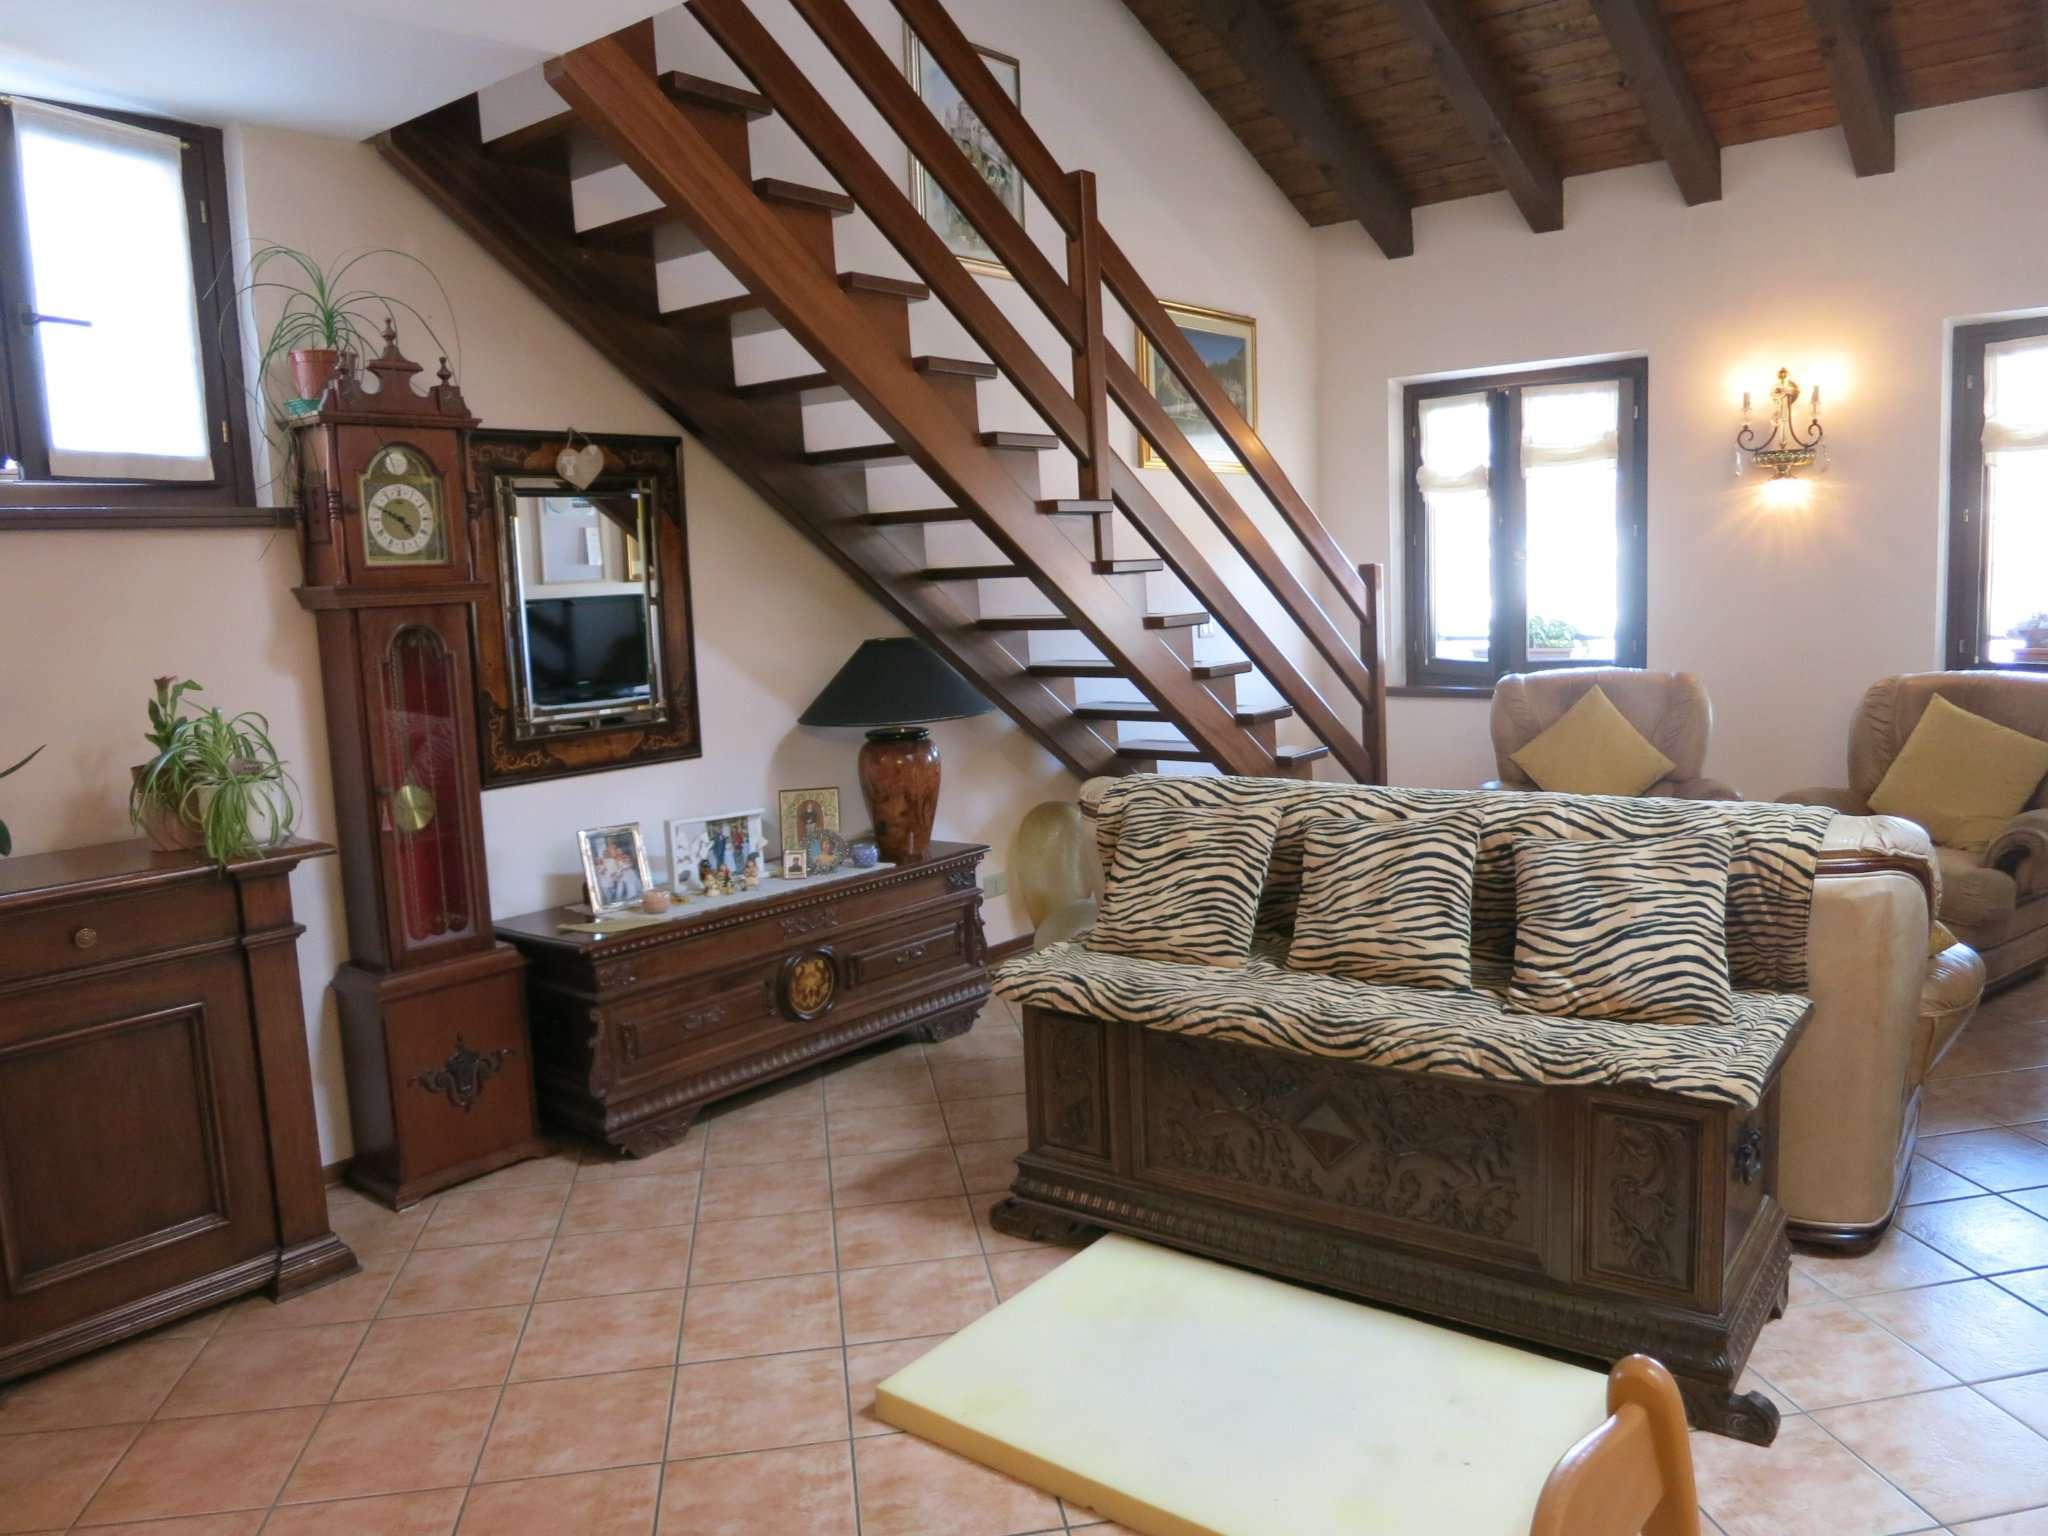 Attico / Mansarda in vendita a Cividale del Friuli, 5 locali, prezzo € 225.000 | Cambio Casa.it